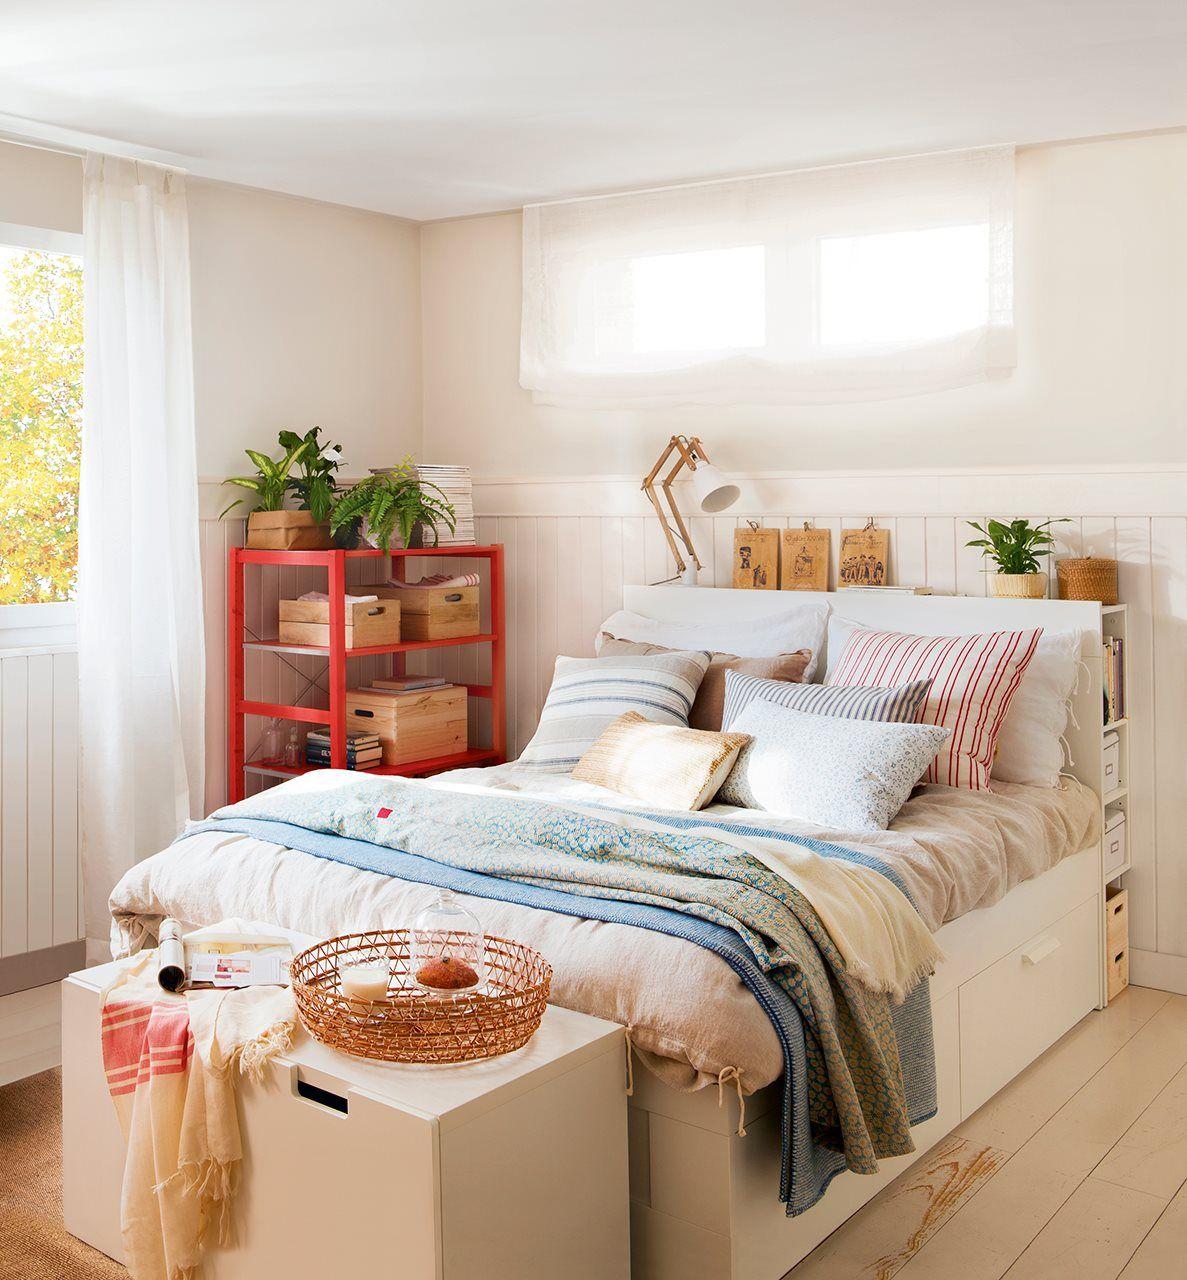 1 dormitorio 3 soluciones dormitorios modernos y - Decoracion dormitorio ikea ...